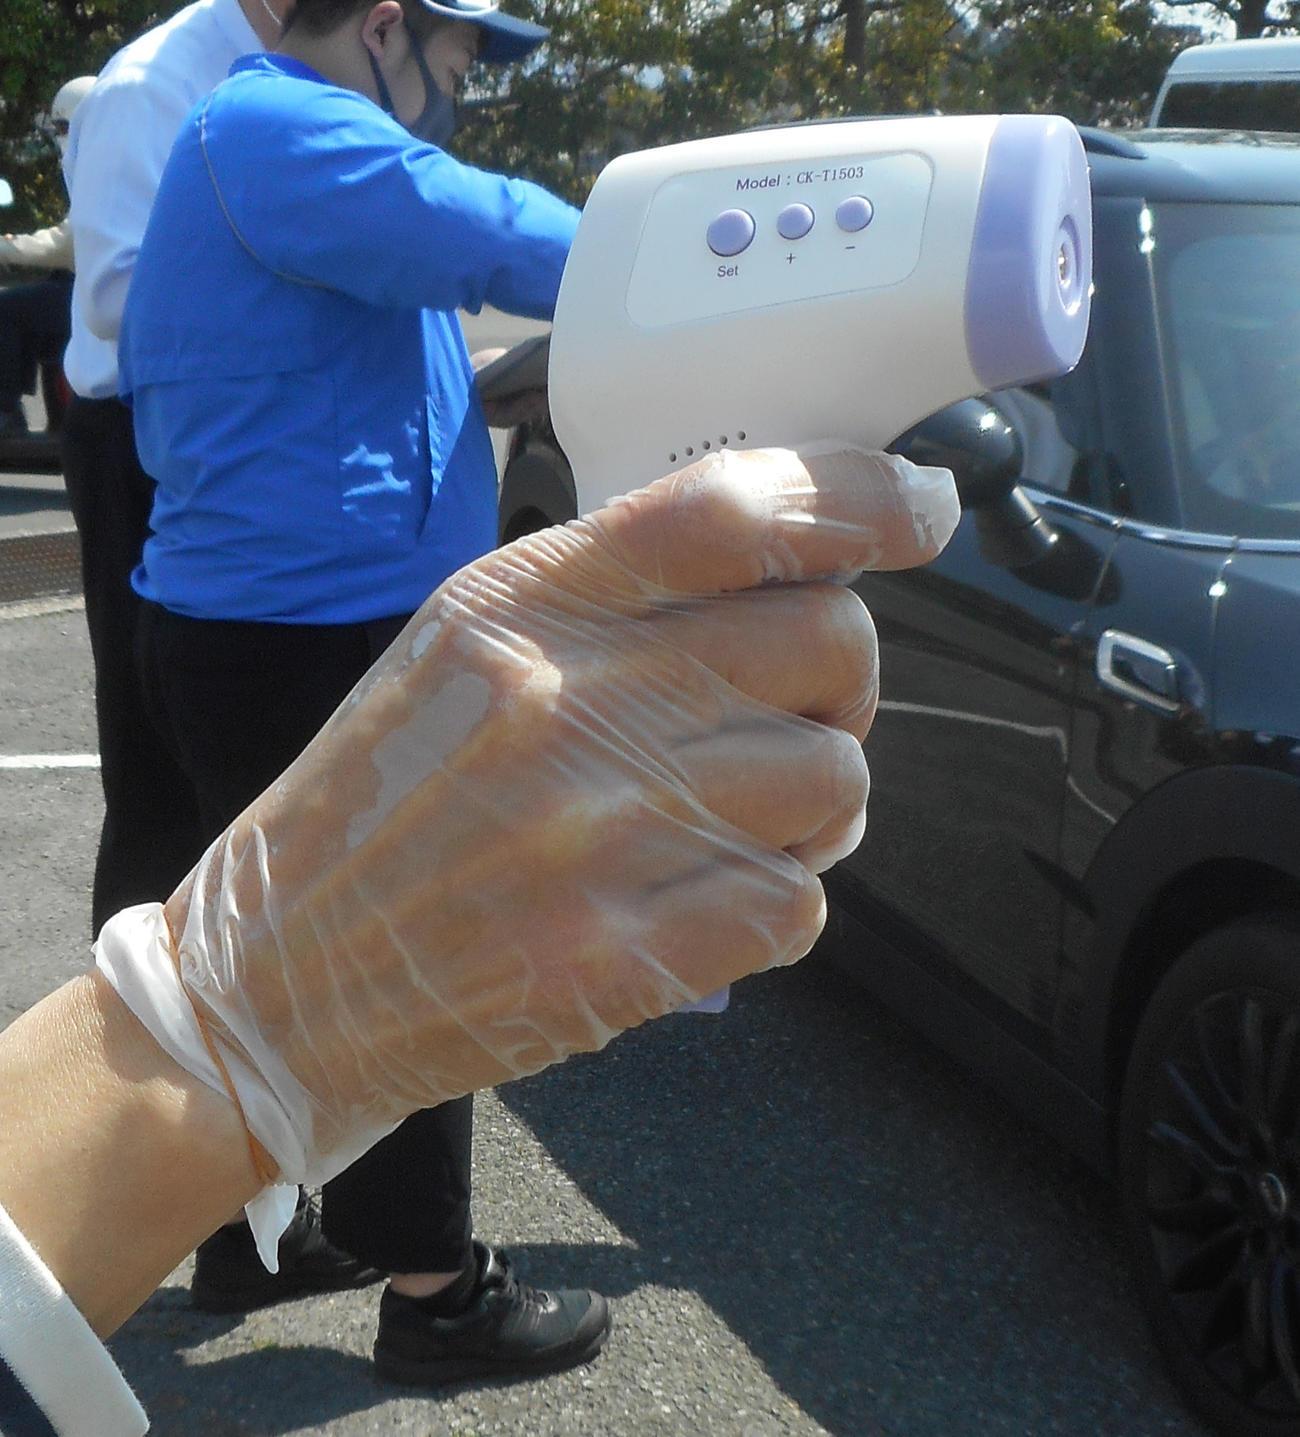 奈良競輪場で検温に使われた非接触式体温計(撮影・岡田晋)